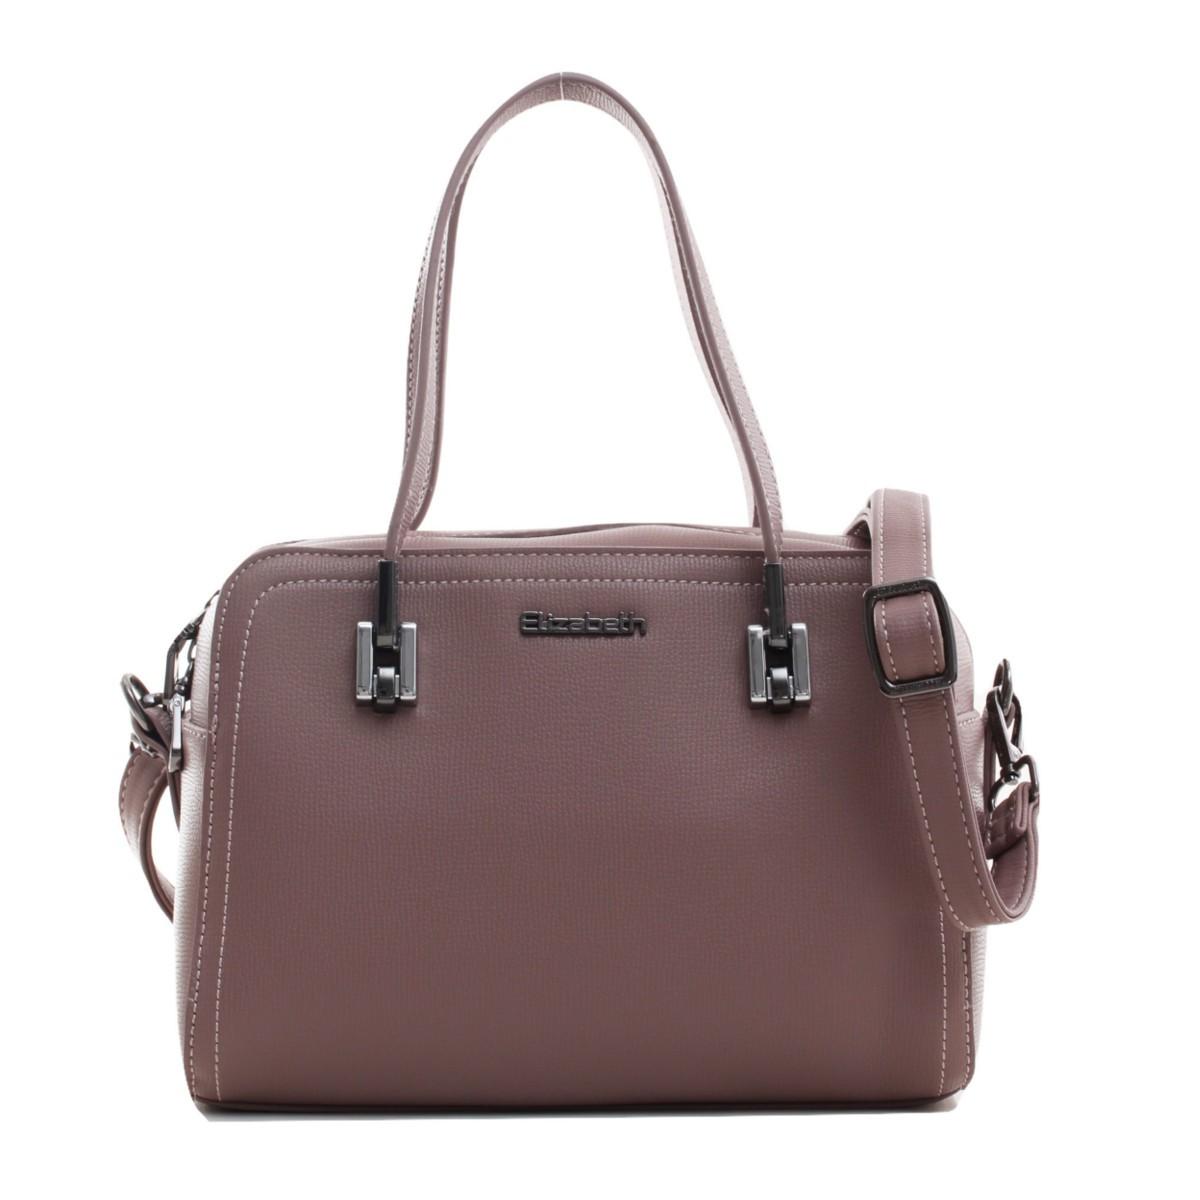 Tas wanita model libby grosir jual tas wanita di jepara harga jpg 1200x1200 Elizabeth  tas kerja 36f376ee1f